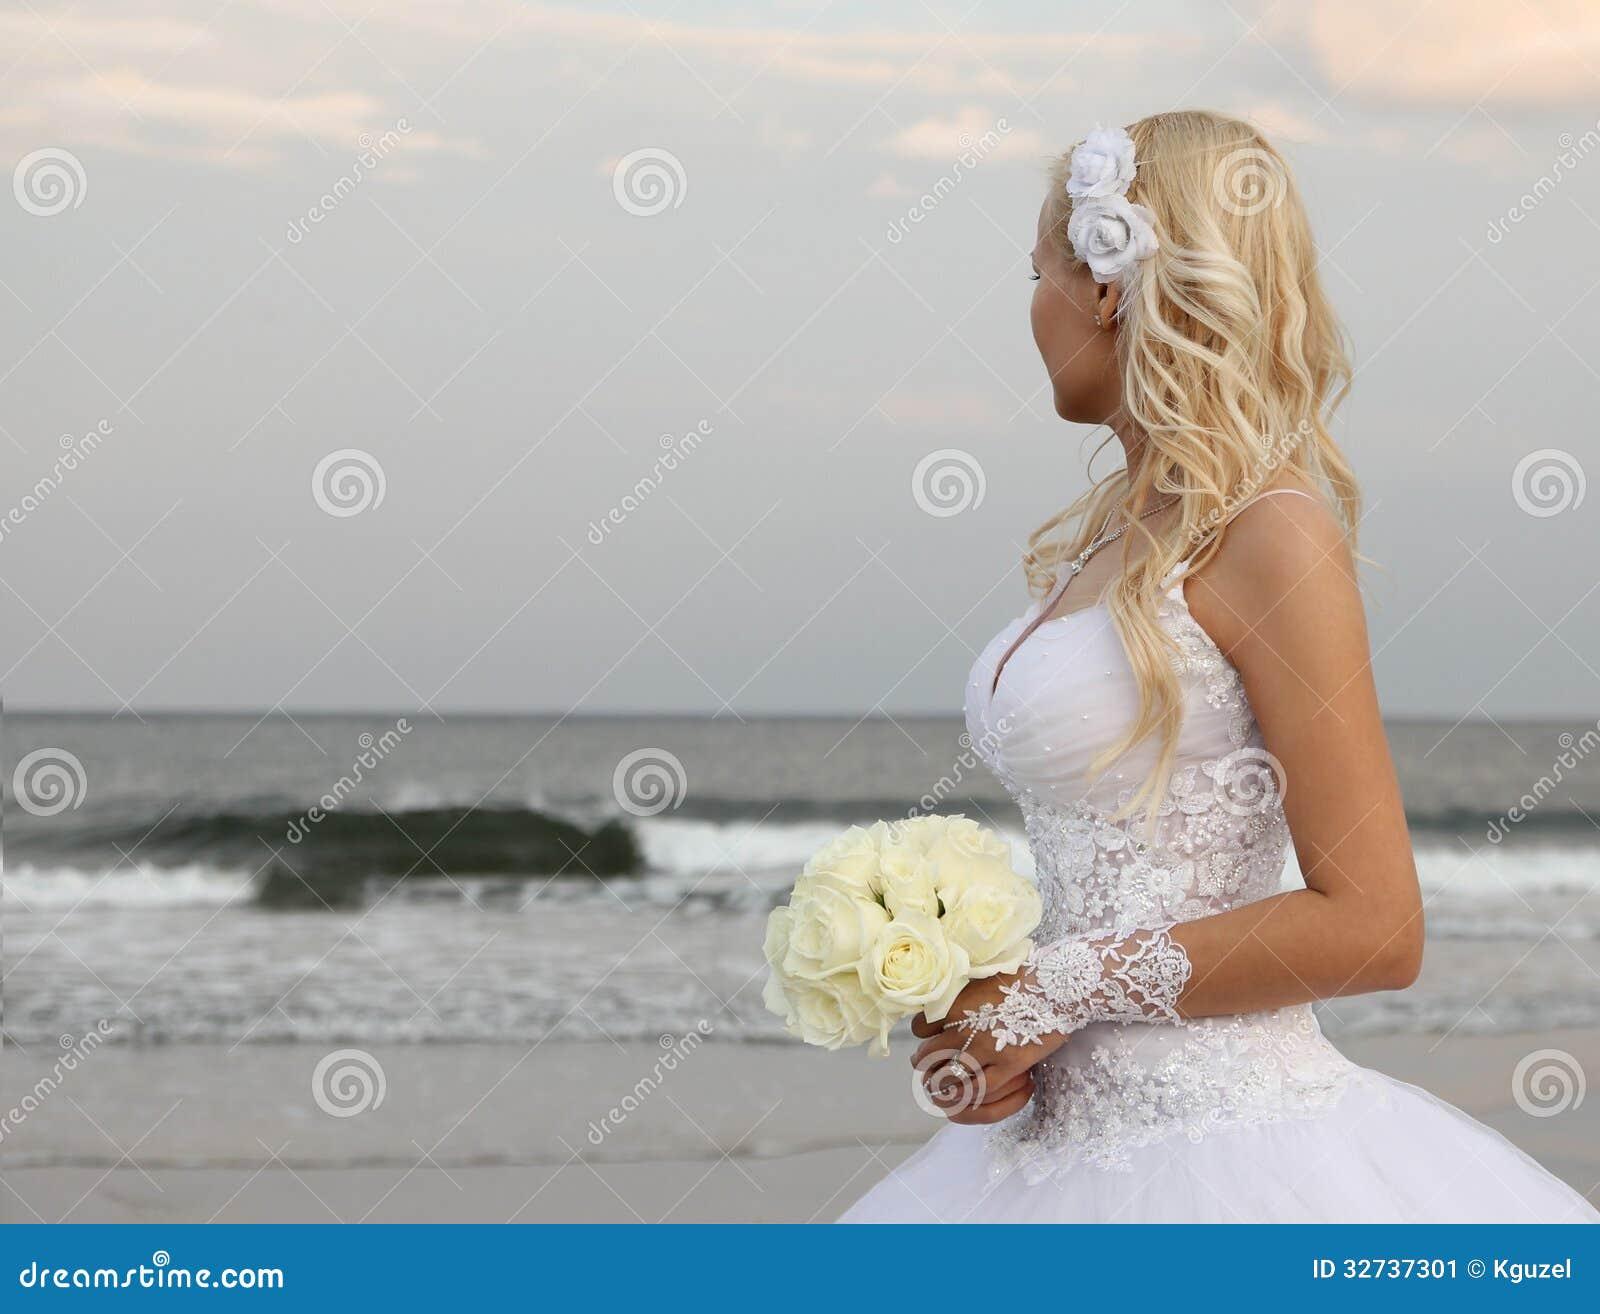 Sposa bionda che cammina sulla spiaggia bella donna in for Sposa che corre